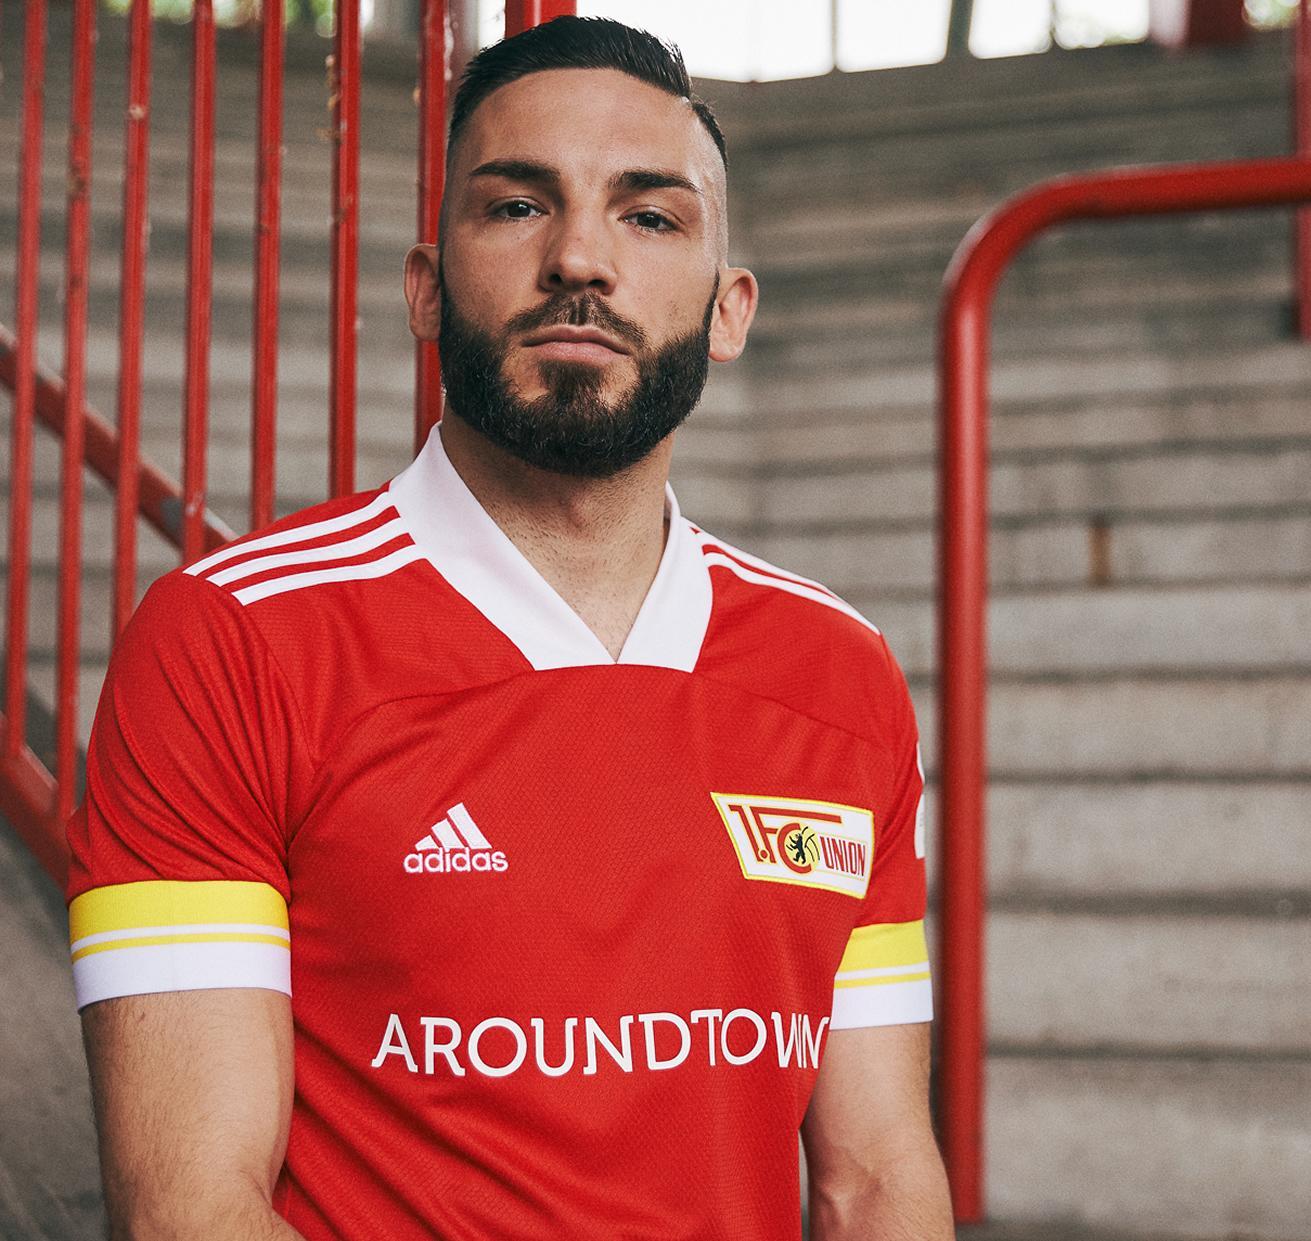 Camiseta adidas del FC Unión Berlín 2020/21 | Imagen Web Oficial